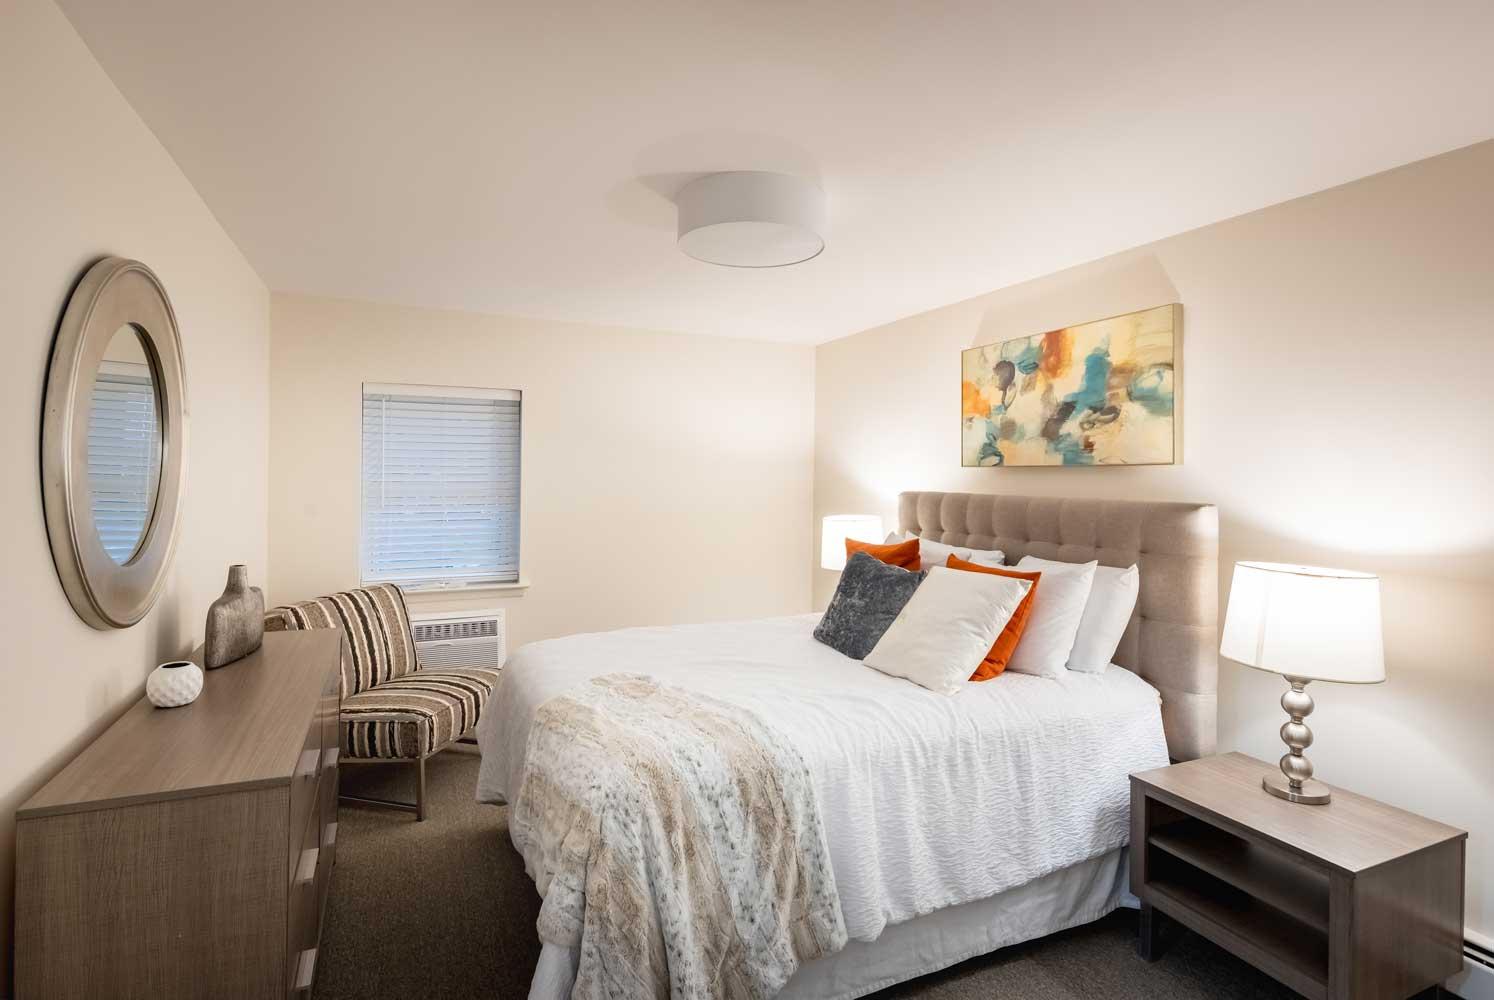 Bedroom at River Edge at Nyack Apartments in Nyack, NY